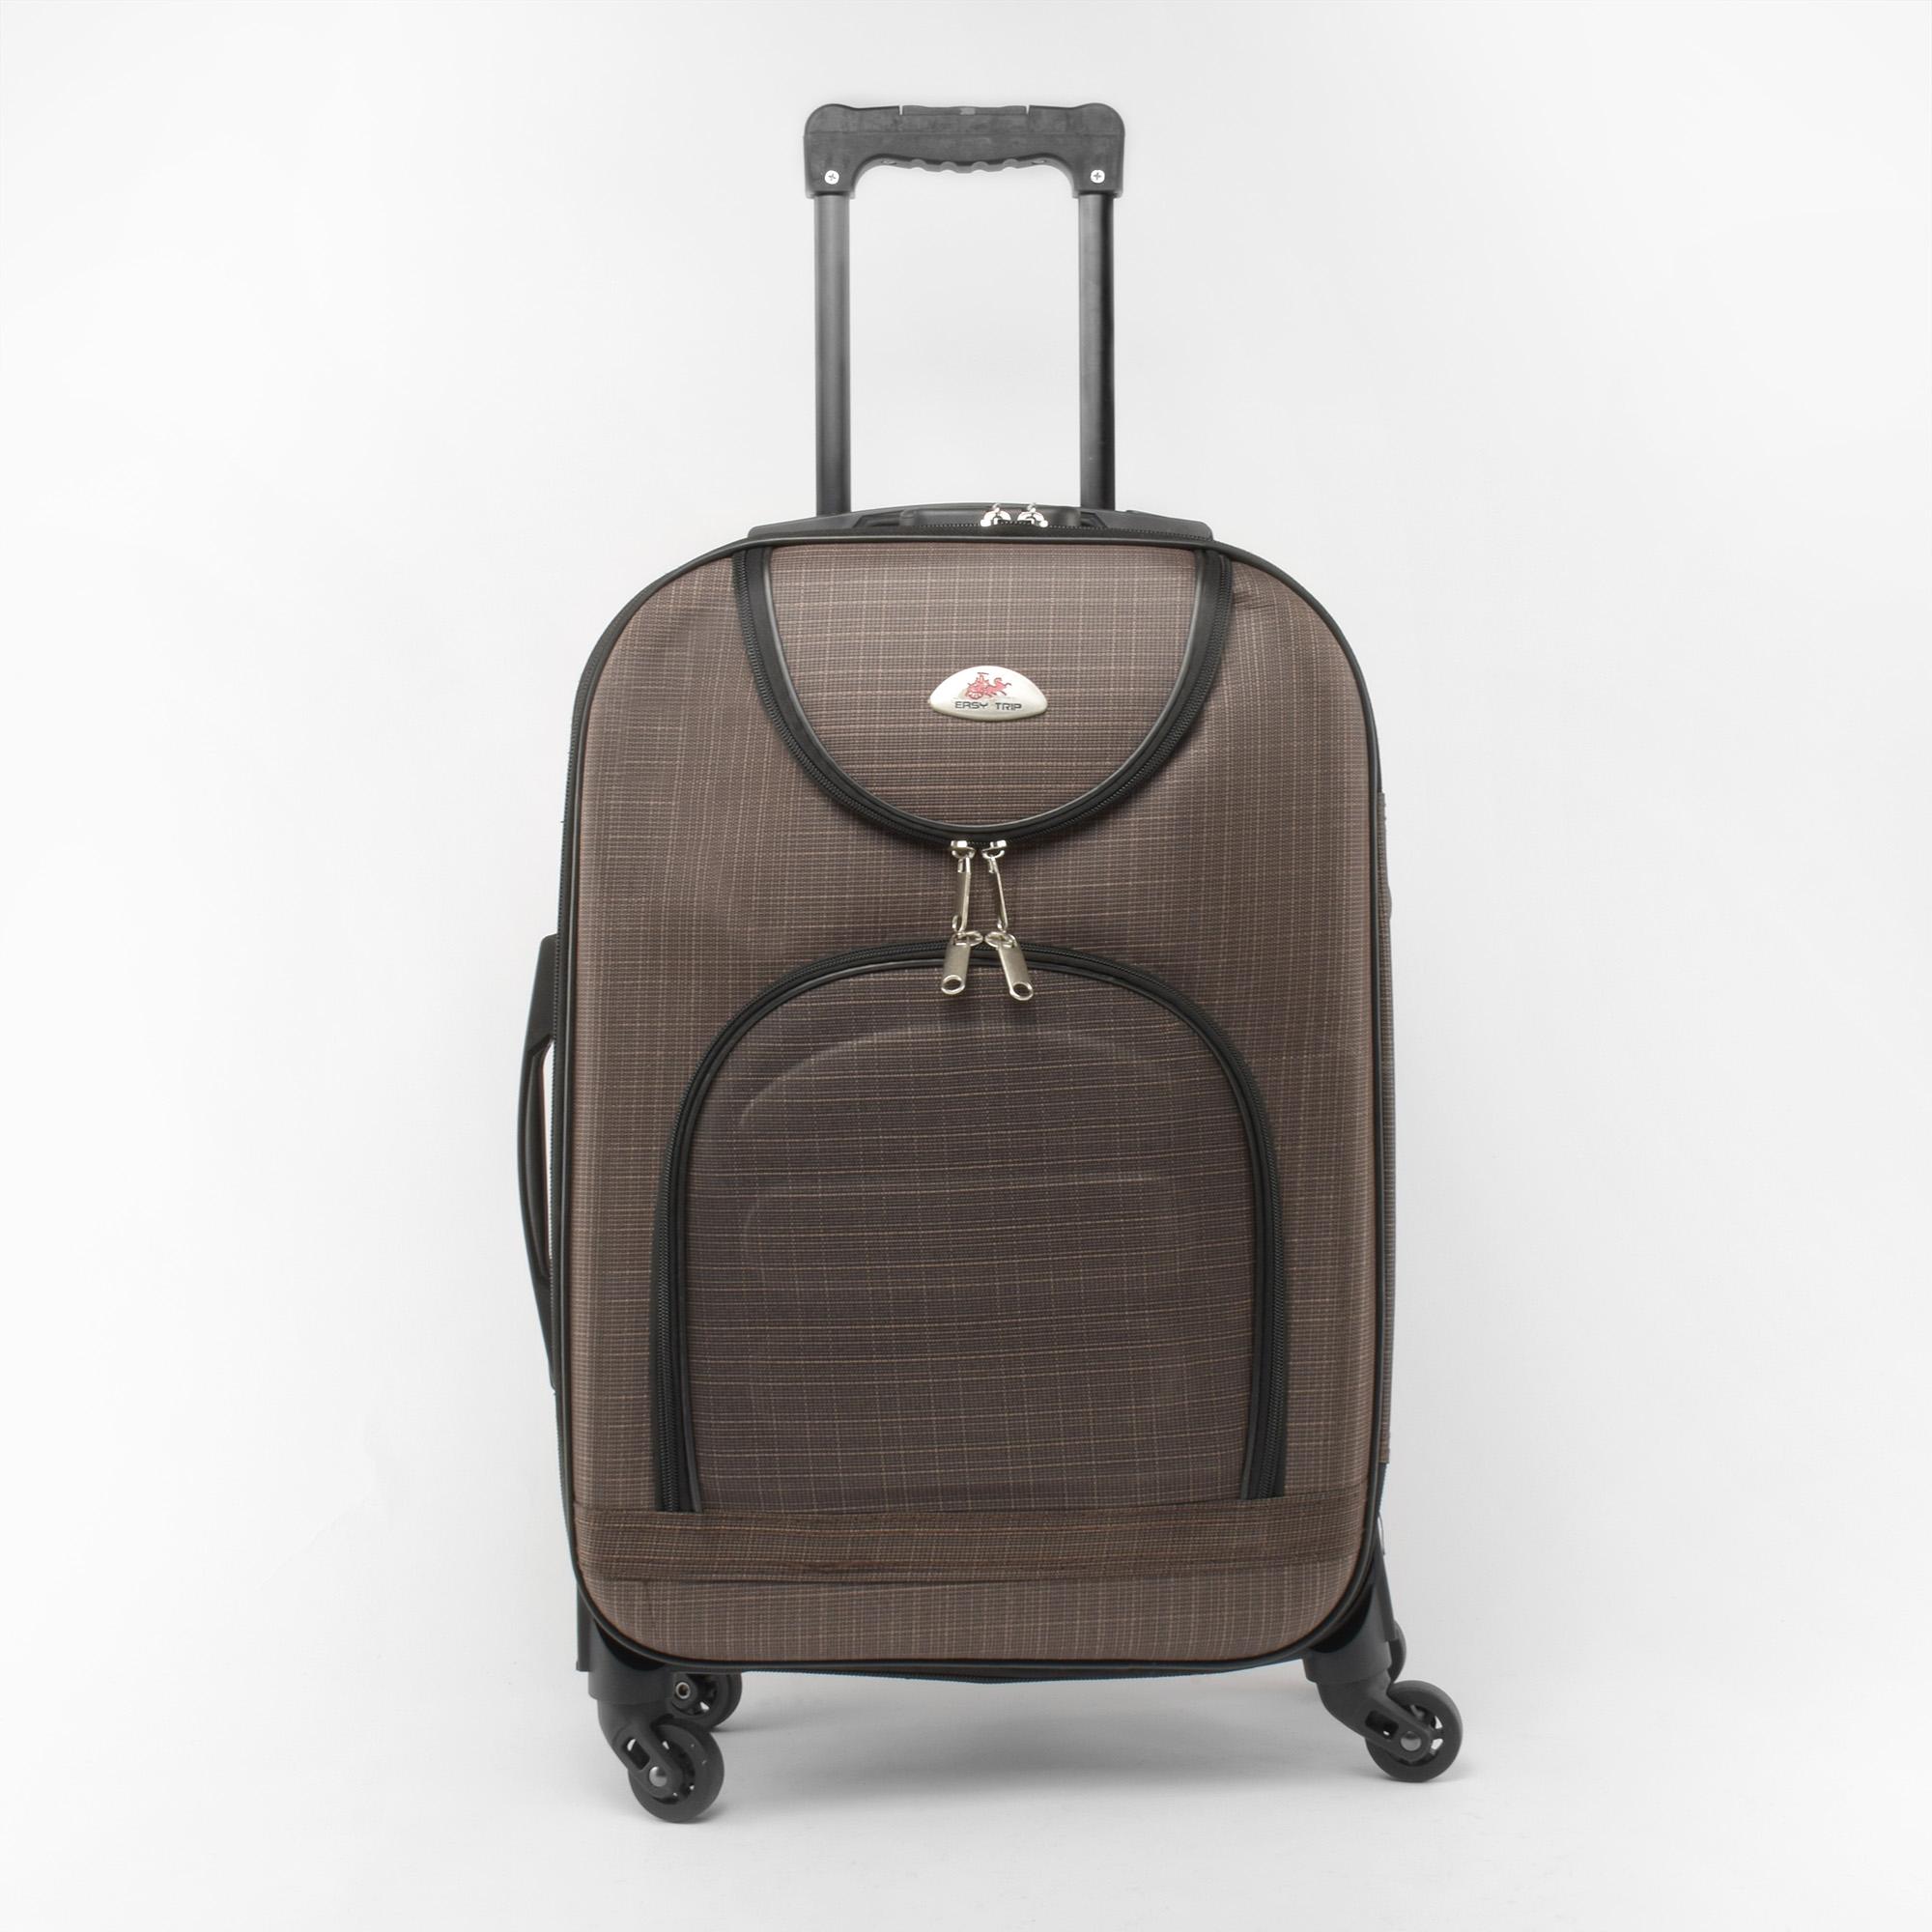 eeda9ae55b79 Easy Trip Barna Puha falú Négy kerekű Közepes méretű Bőrönd Kivehető  kerékkel - KÖZEPES MÉRETŰ BŐRÖNDÖK - Táska webáruház - Minőségi táskák  mindenkinek